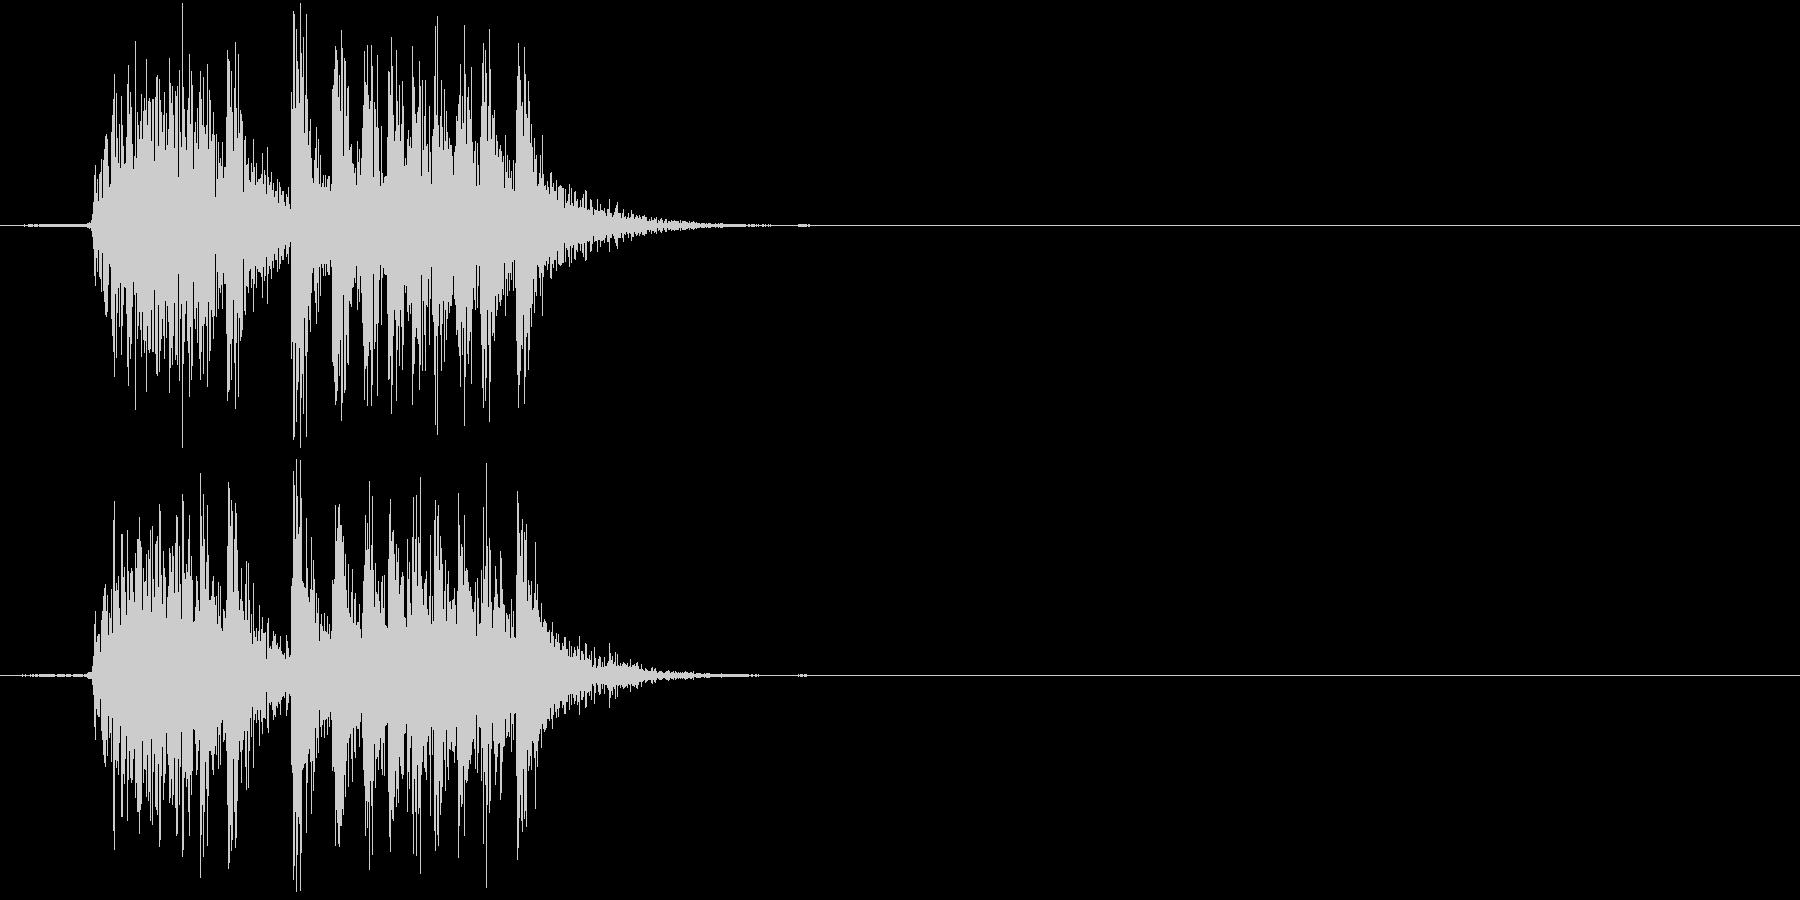 【生録音】 オフィスチェアのきしみ 2の未再生の波形